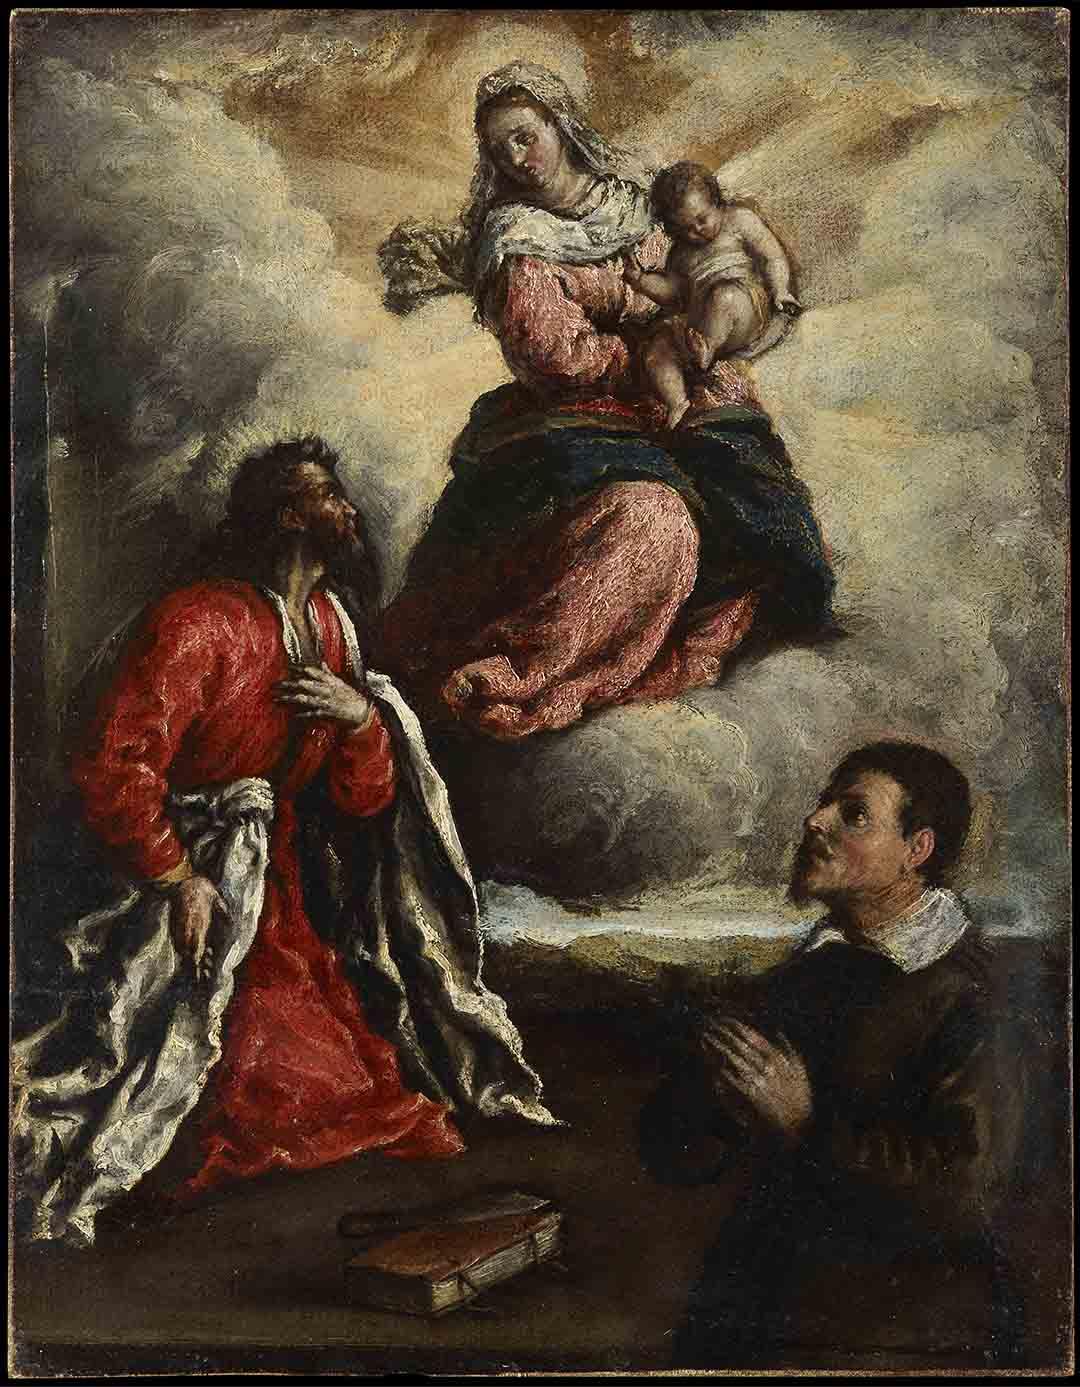 Catalogo San Mateo adorando a la Virgen y el Nino con un donante Marcanatonio Bassetti Galeria Caylus